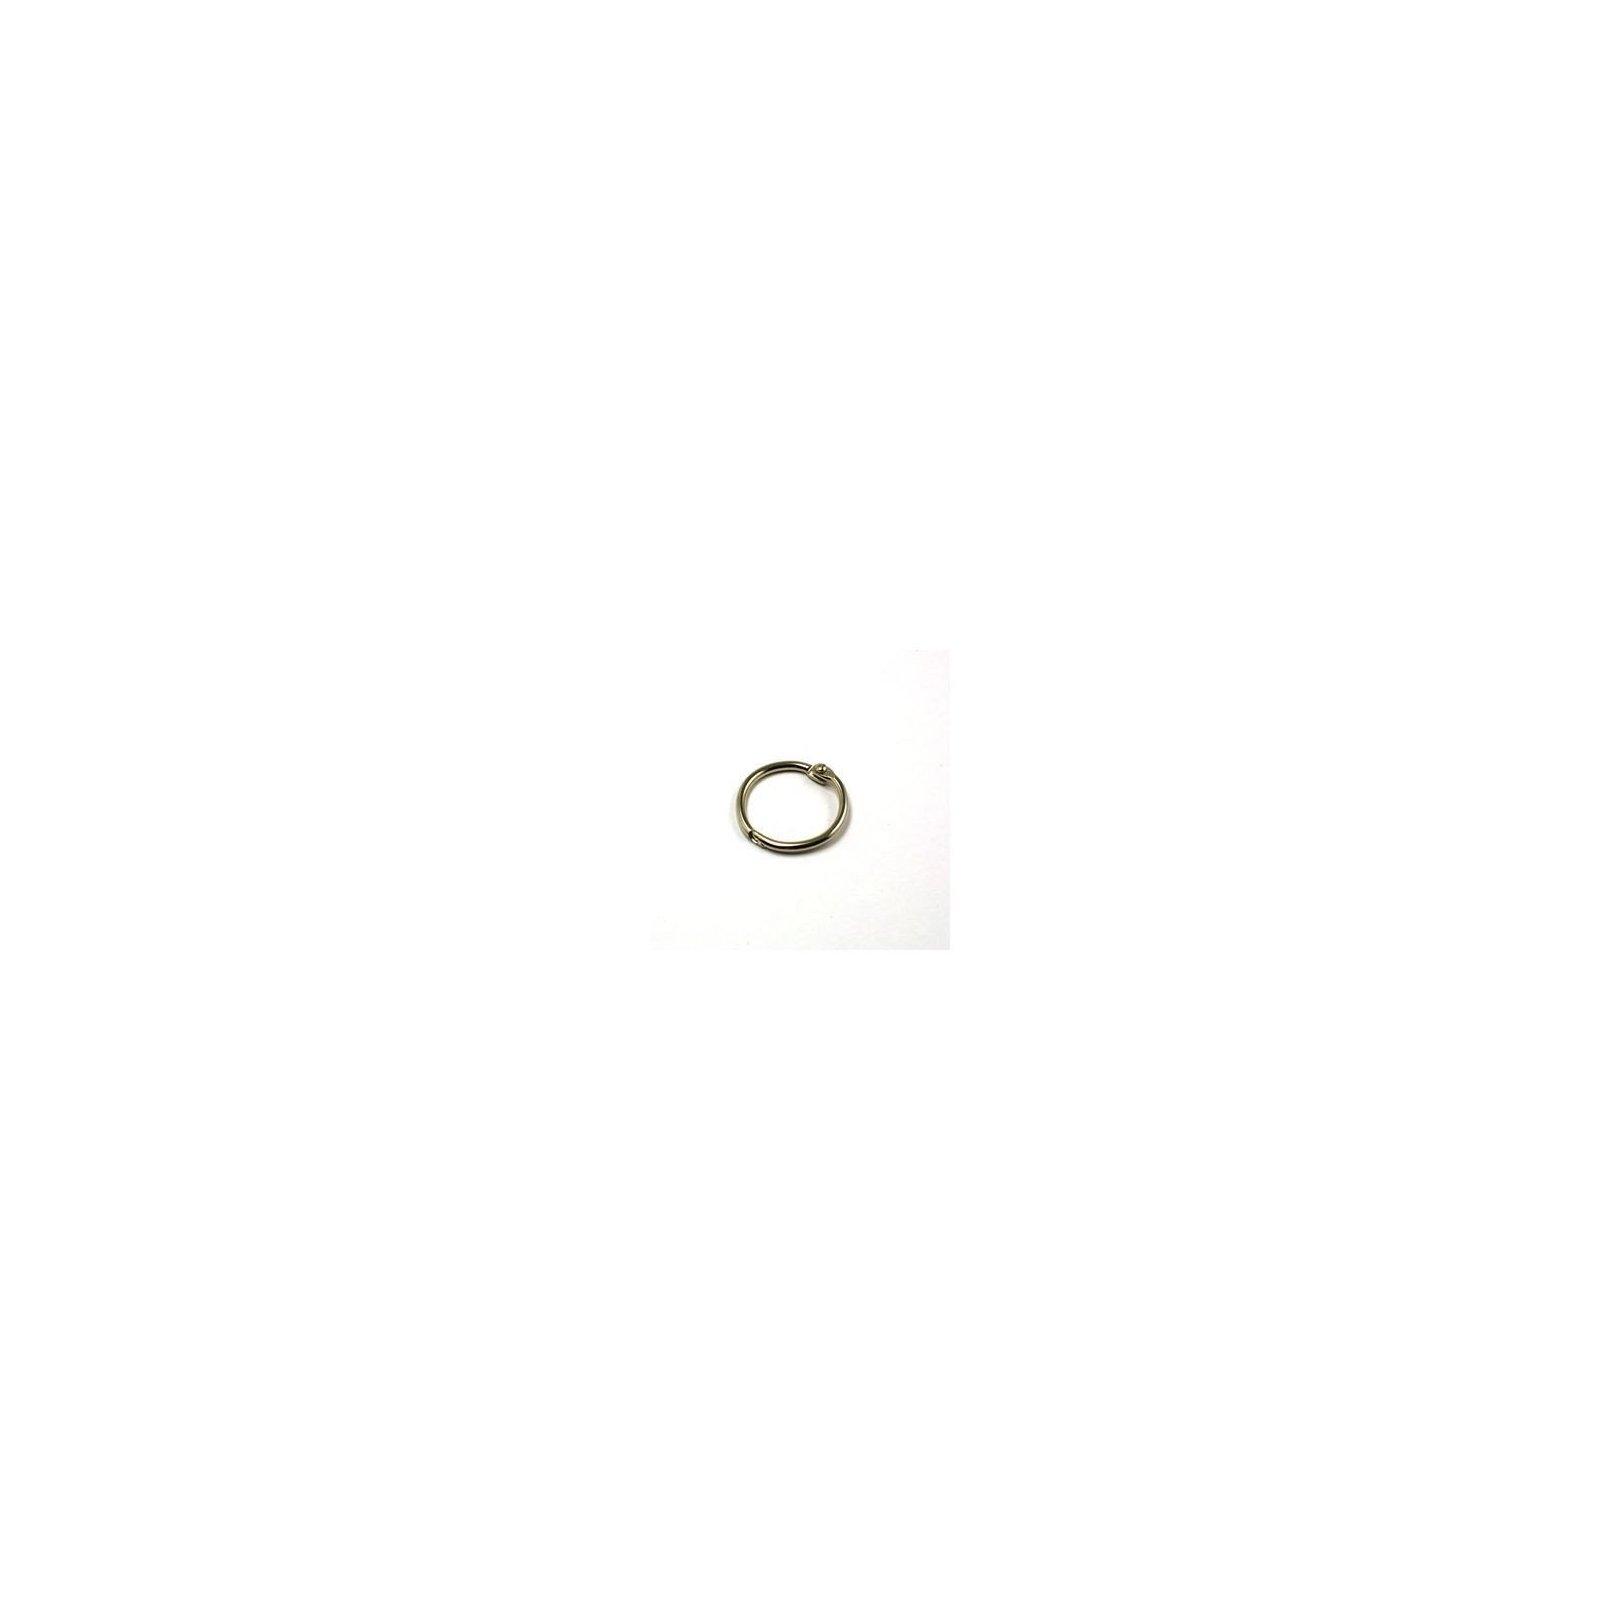 Anneau brisé - Diamètre 25 mm - Argent - Ephemeria